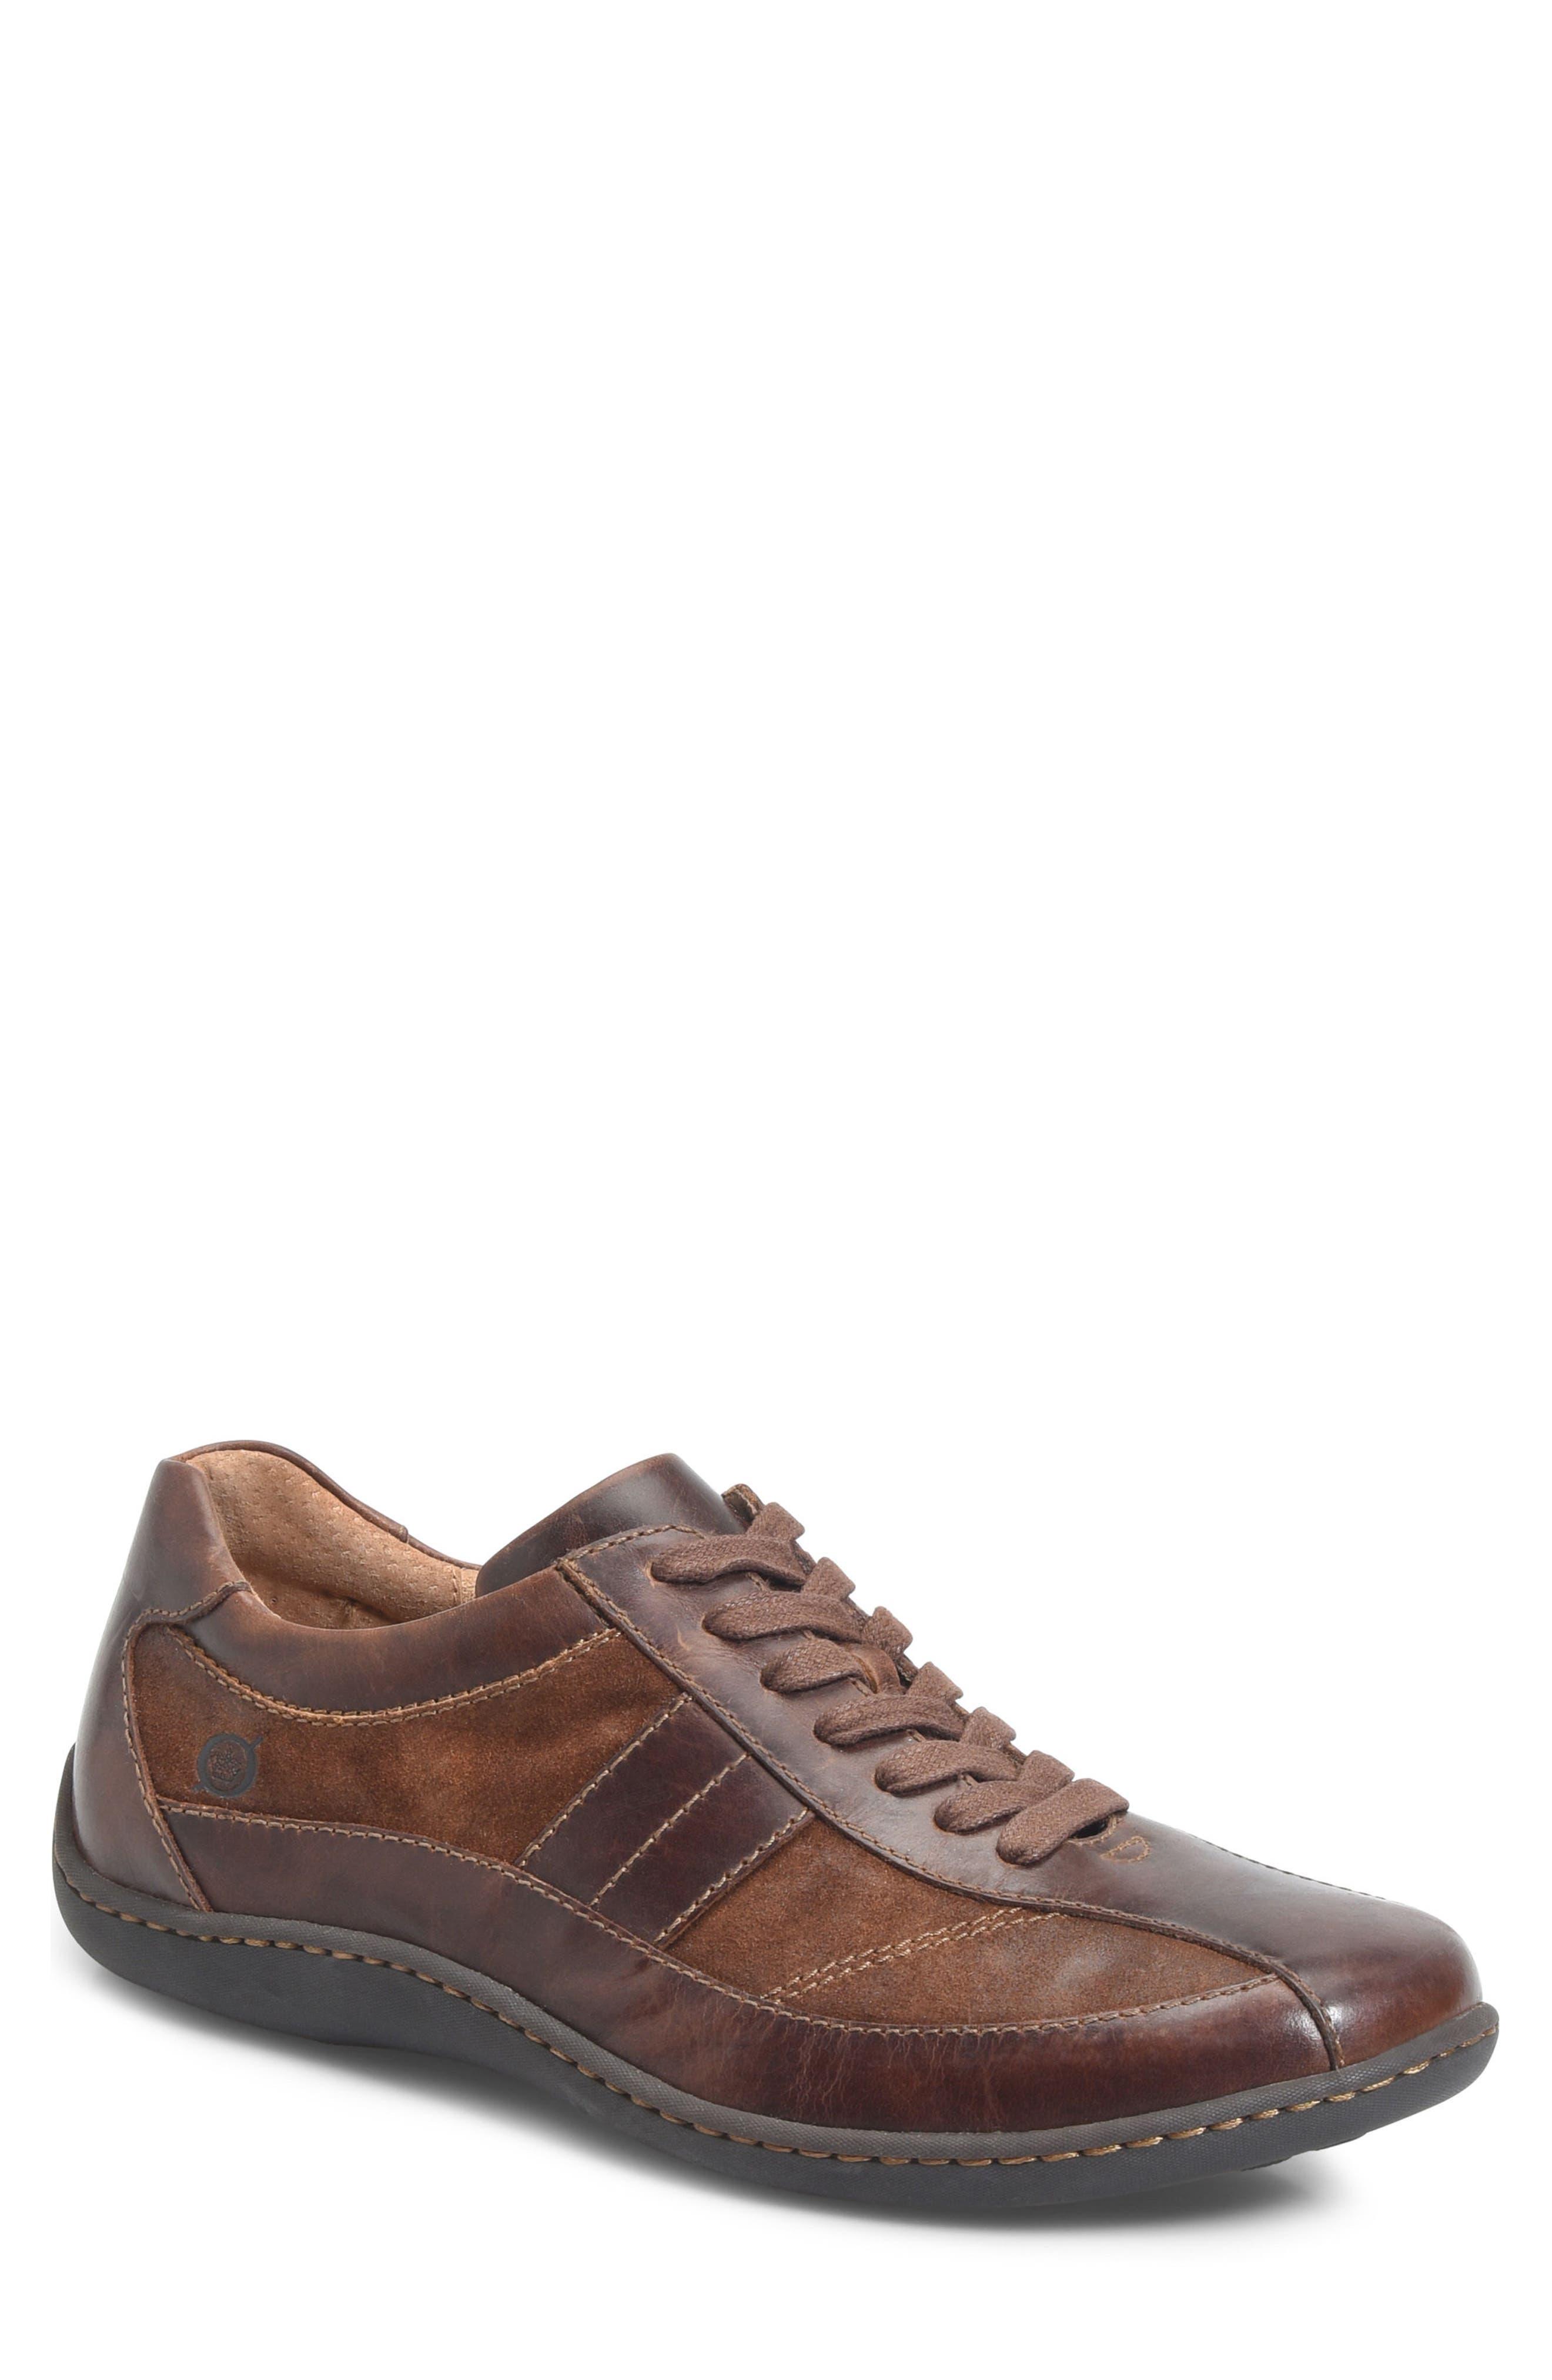 BØRN,                             Breves Low Top Sneaker,                             Main thumbnail 1, color,                             230